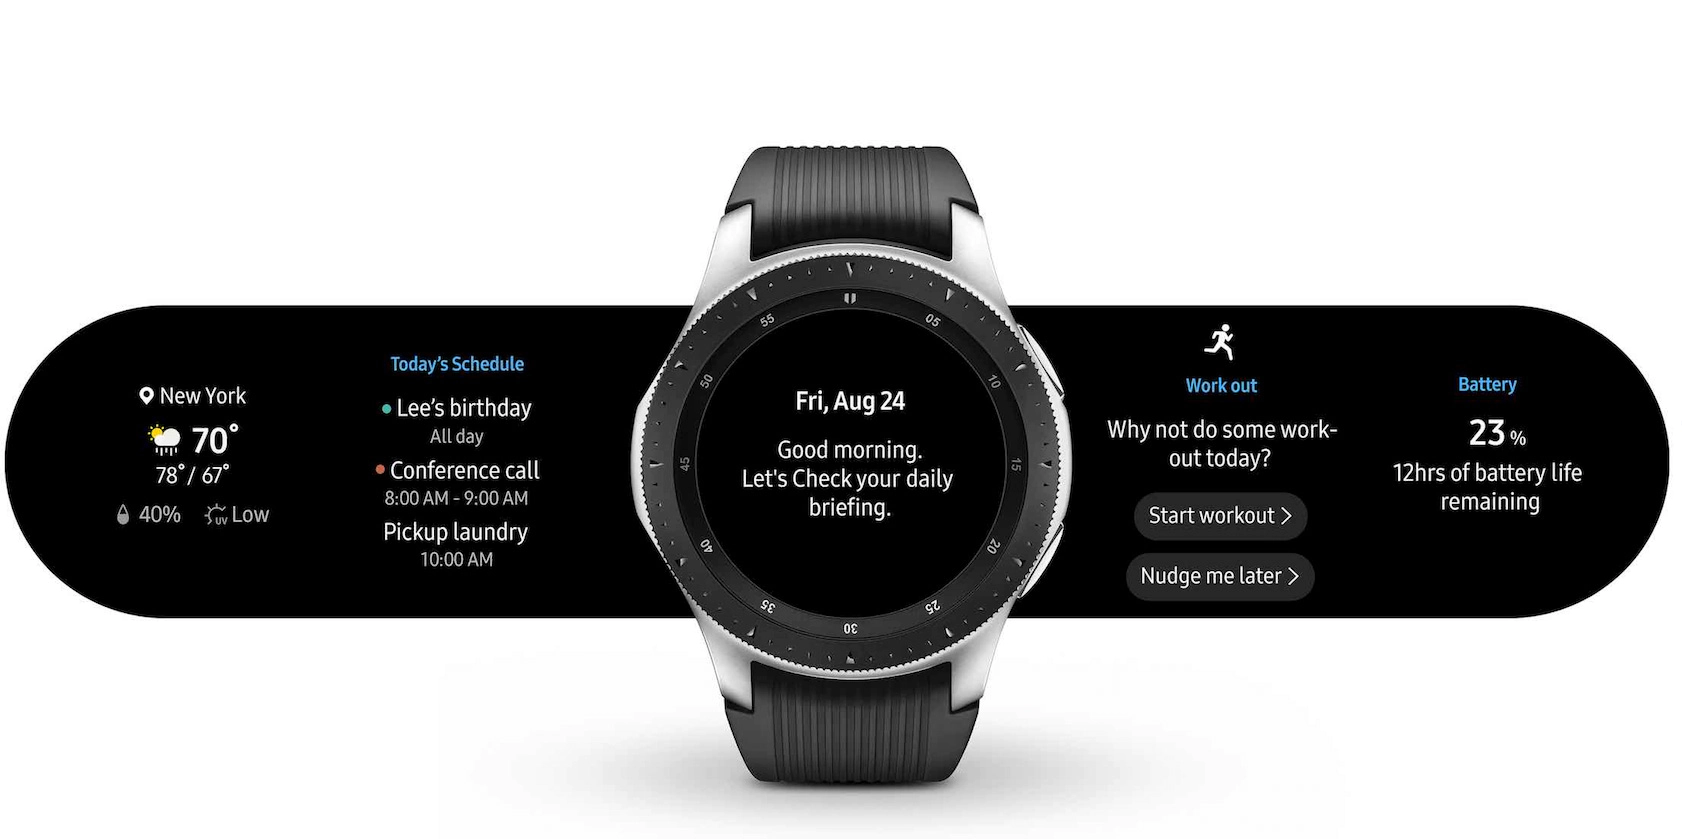 Samsung Galaxy Watch - Your Daily Run Dun